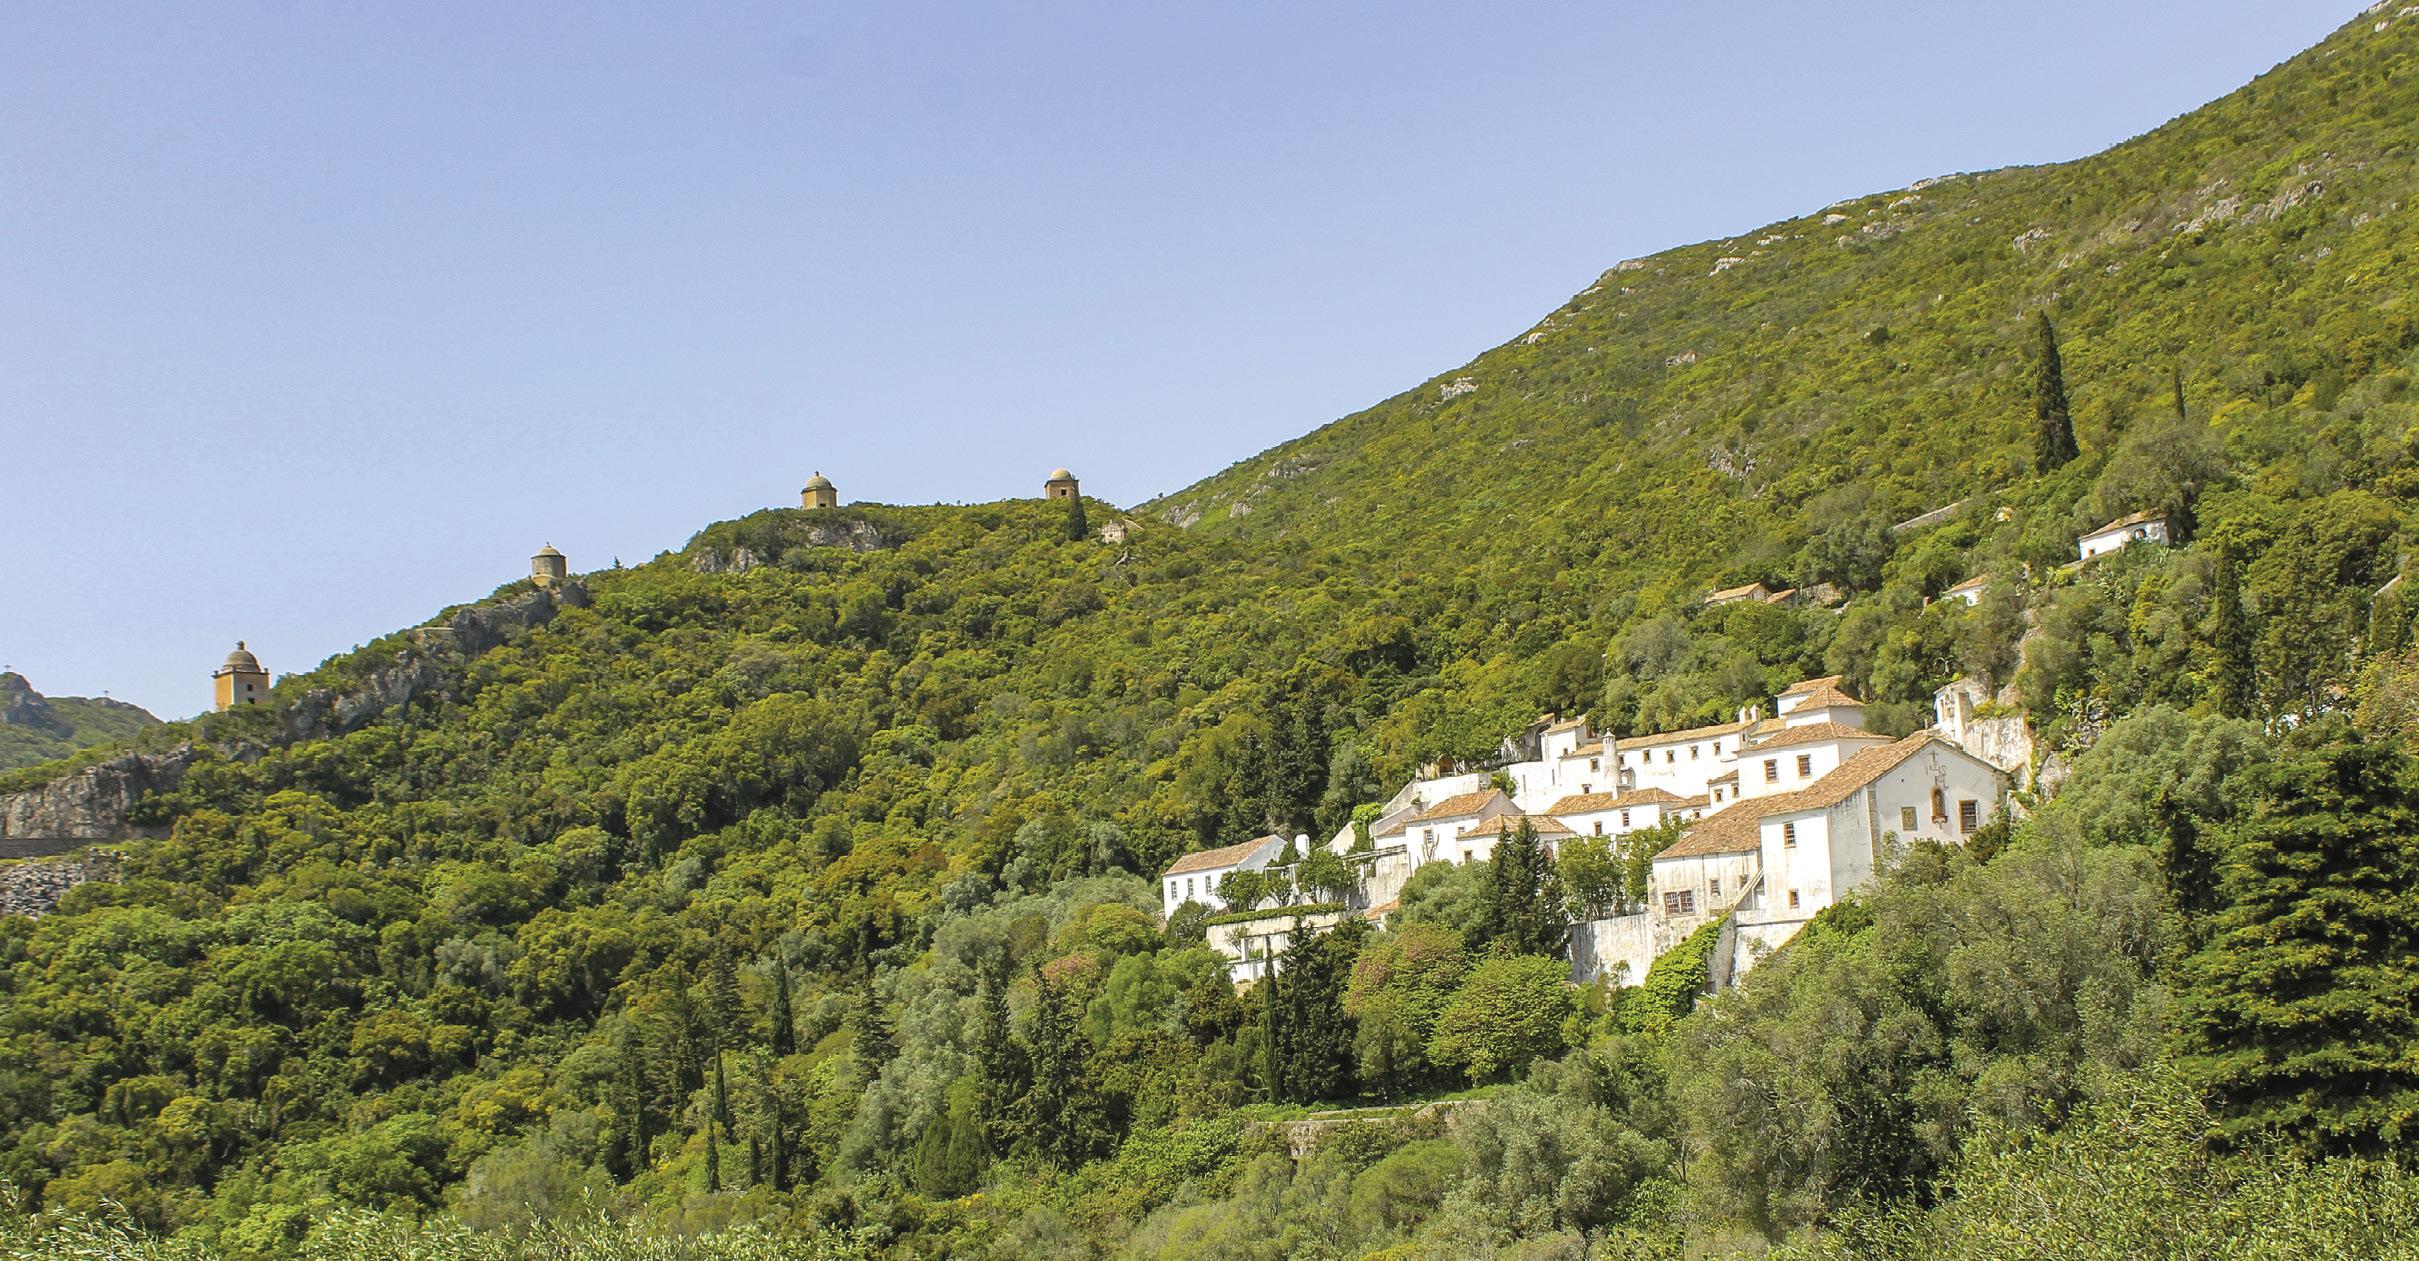 Serra da Arrábida e Convento da Arrábida